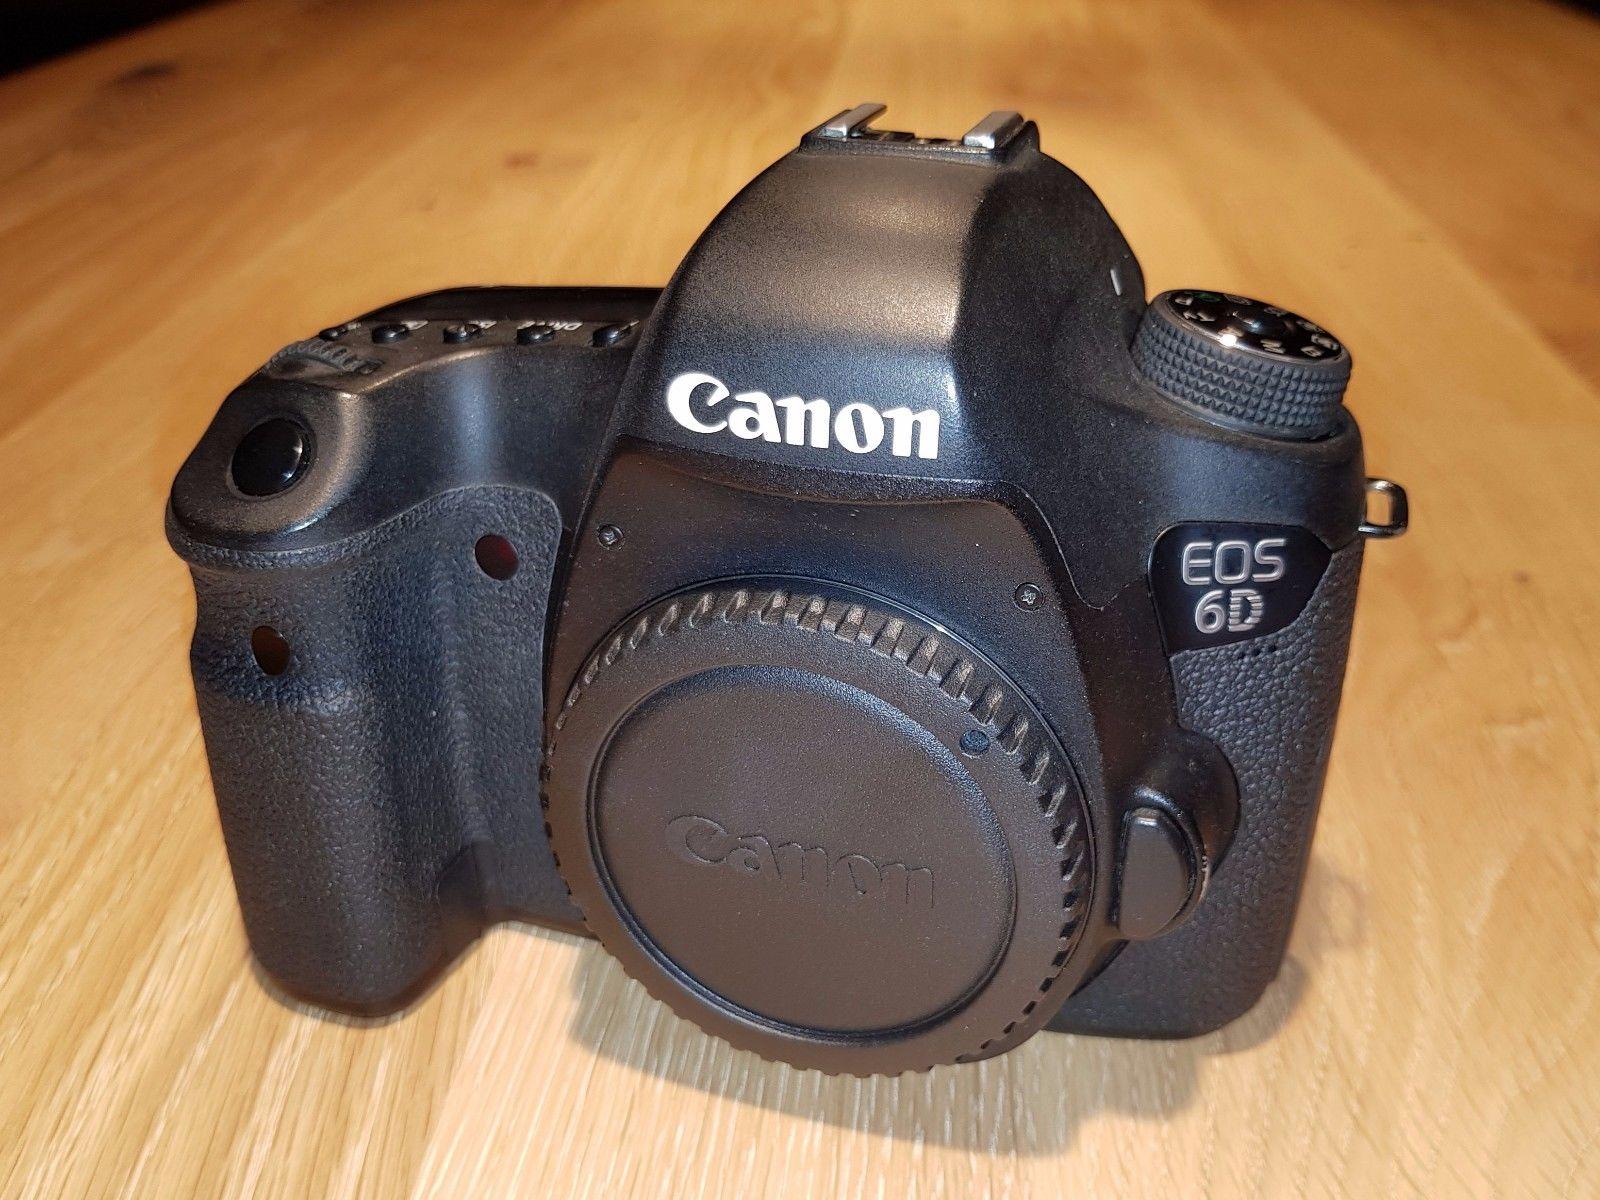 Canon EOS 6D Vollformat SLR-Digitalkamera - nur Gehäuse/ Body - guter Zustand